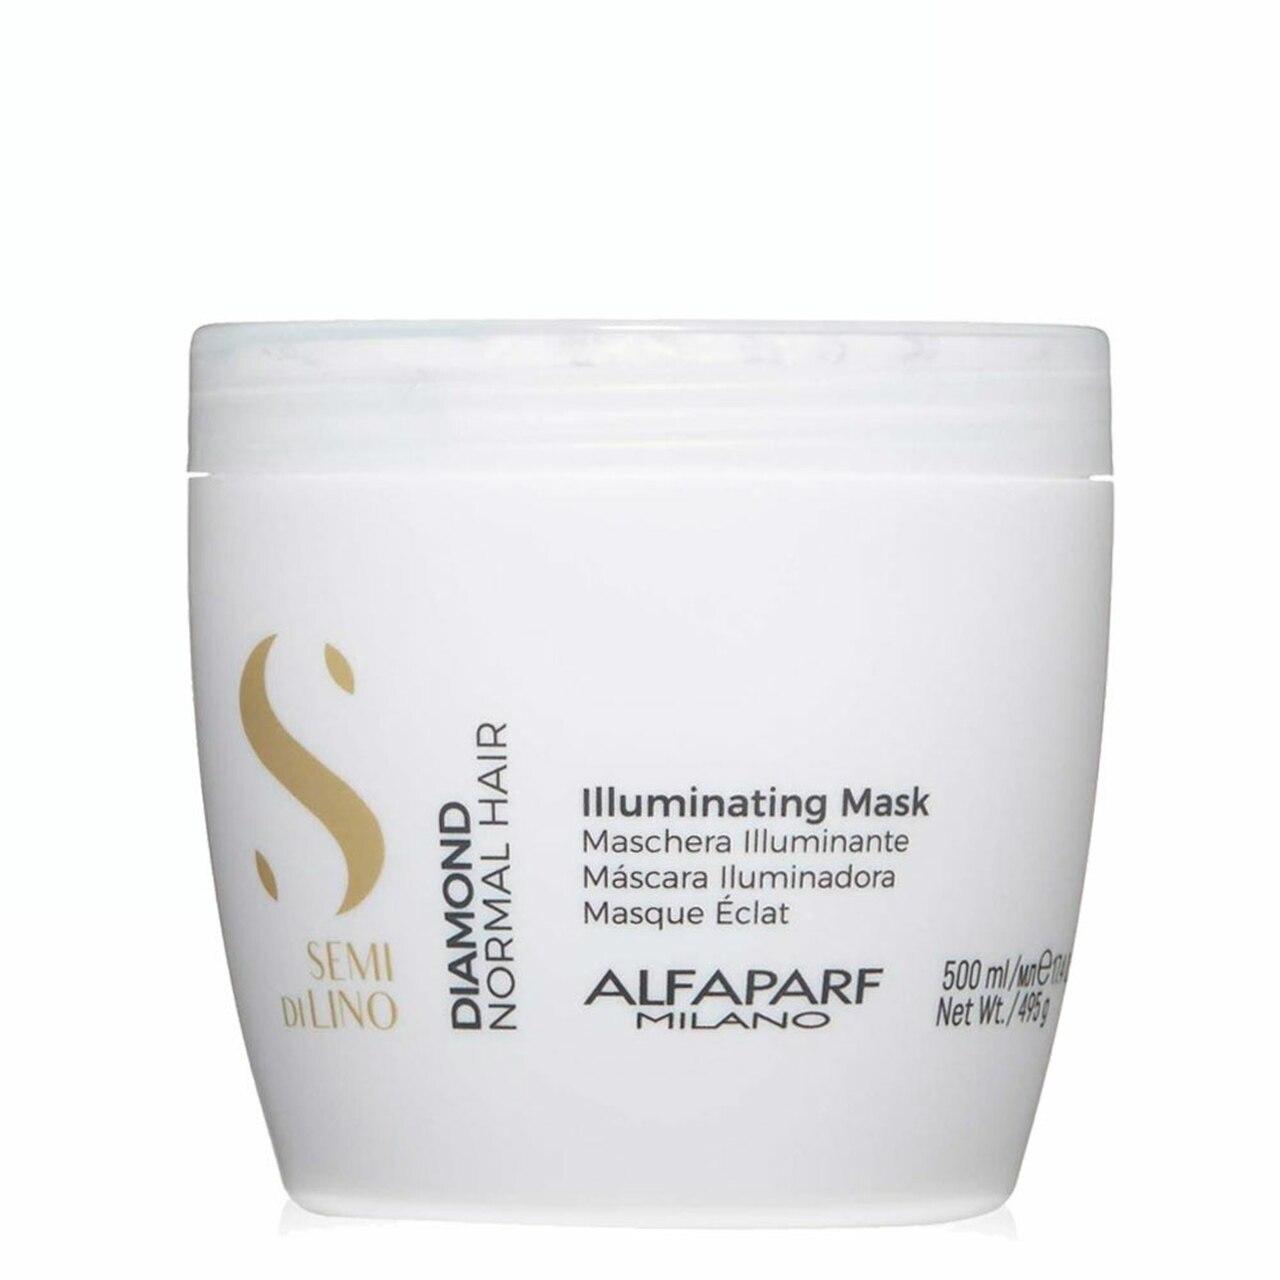 Alfaparf Milano Semi Di LINO Diamond Normal Hair Illuminating Mask 500ml/17.4fl.oz